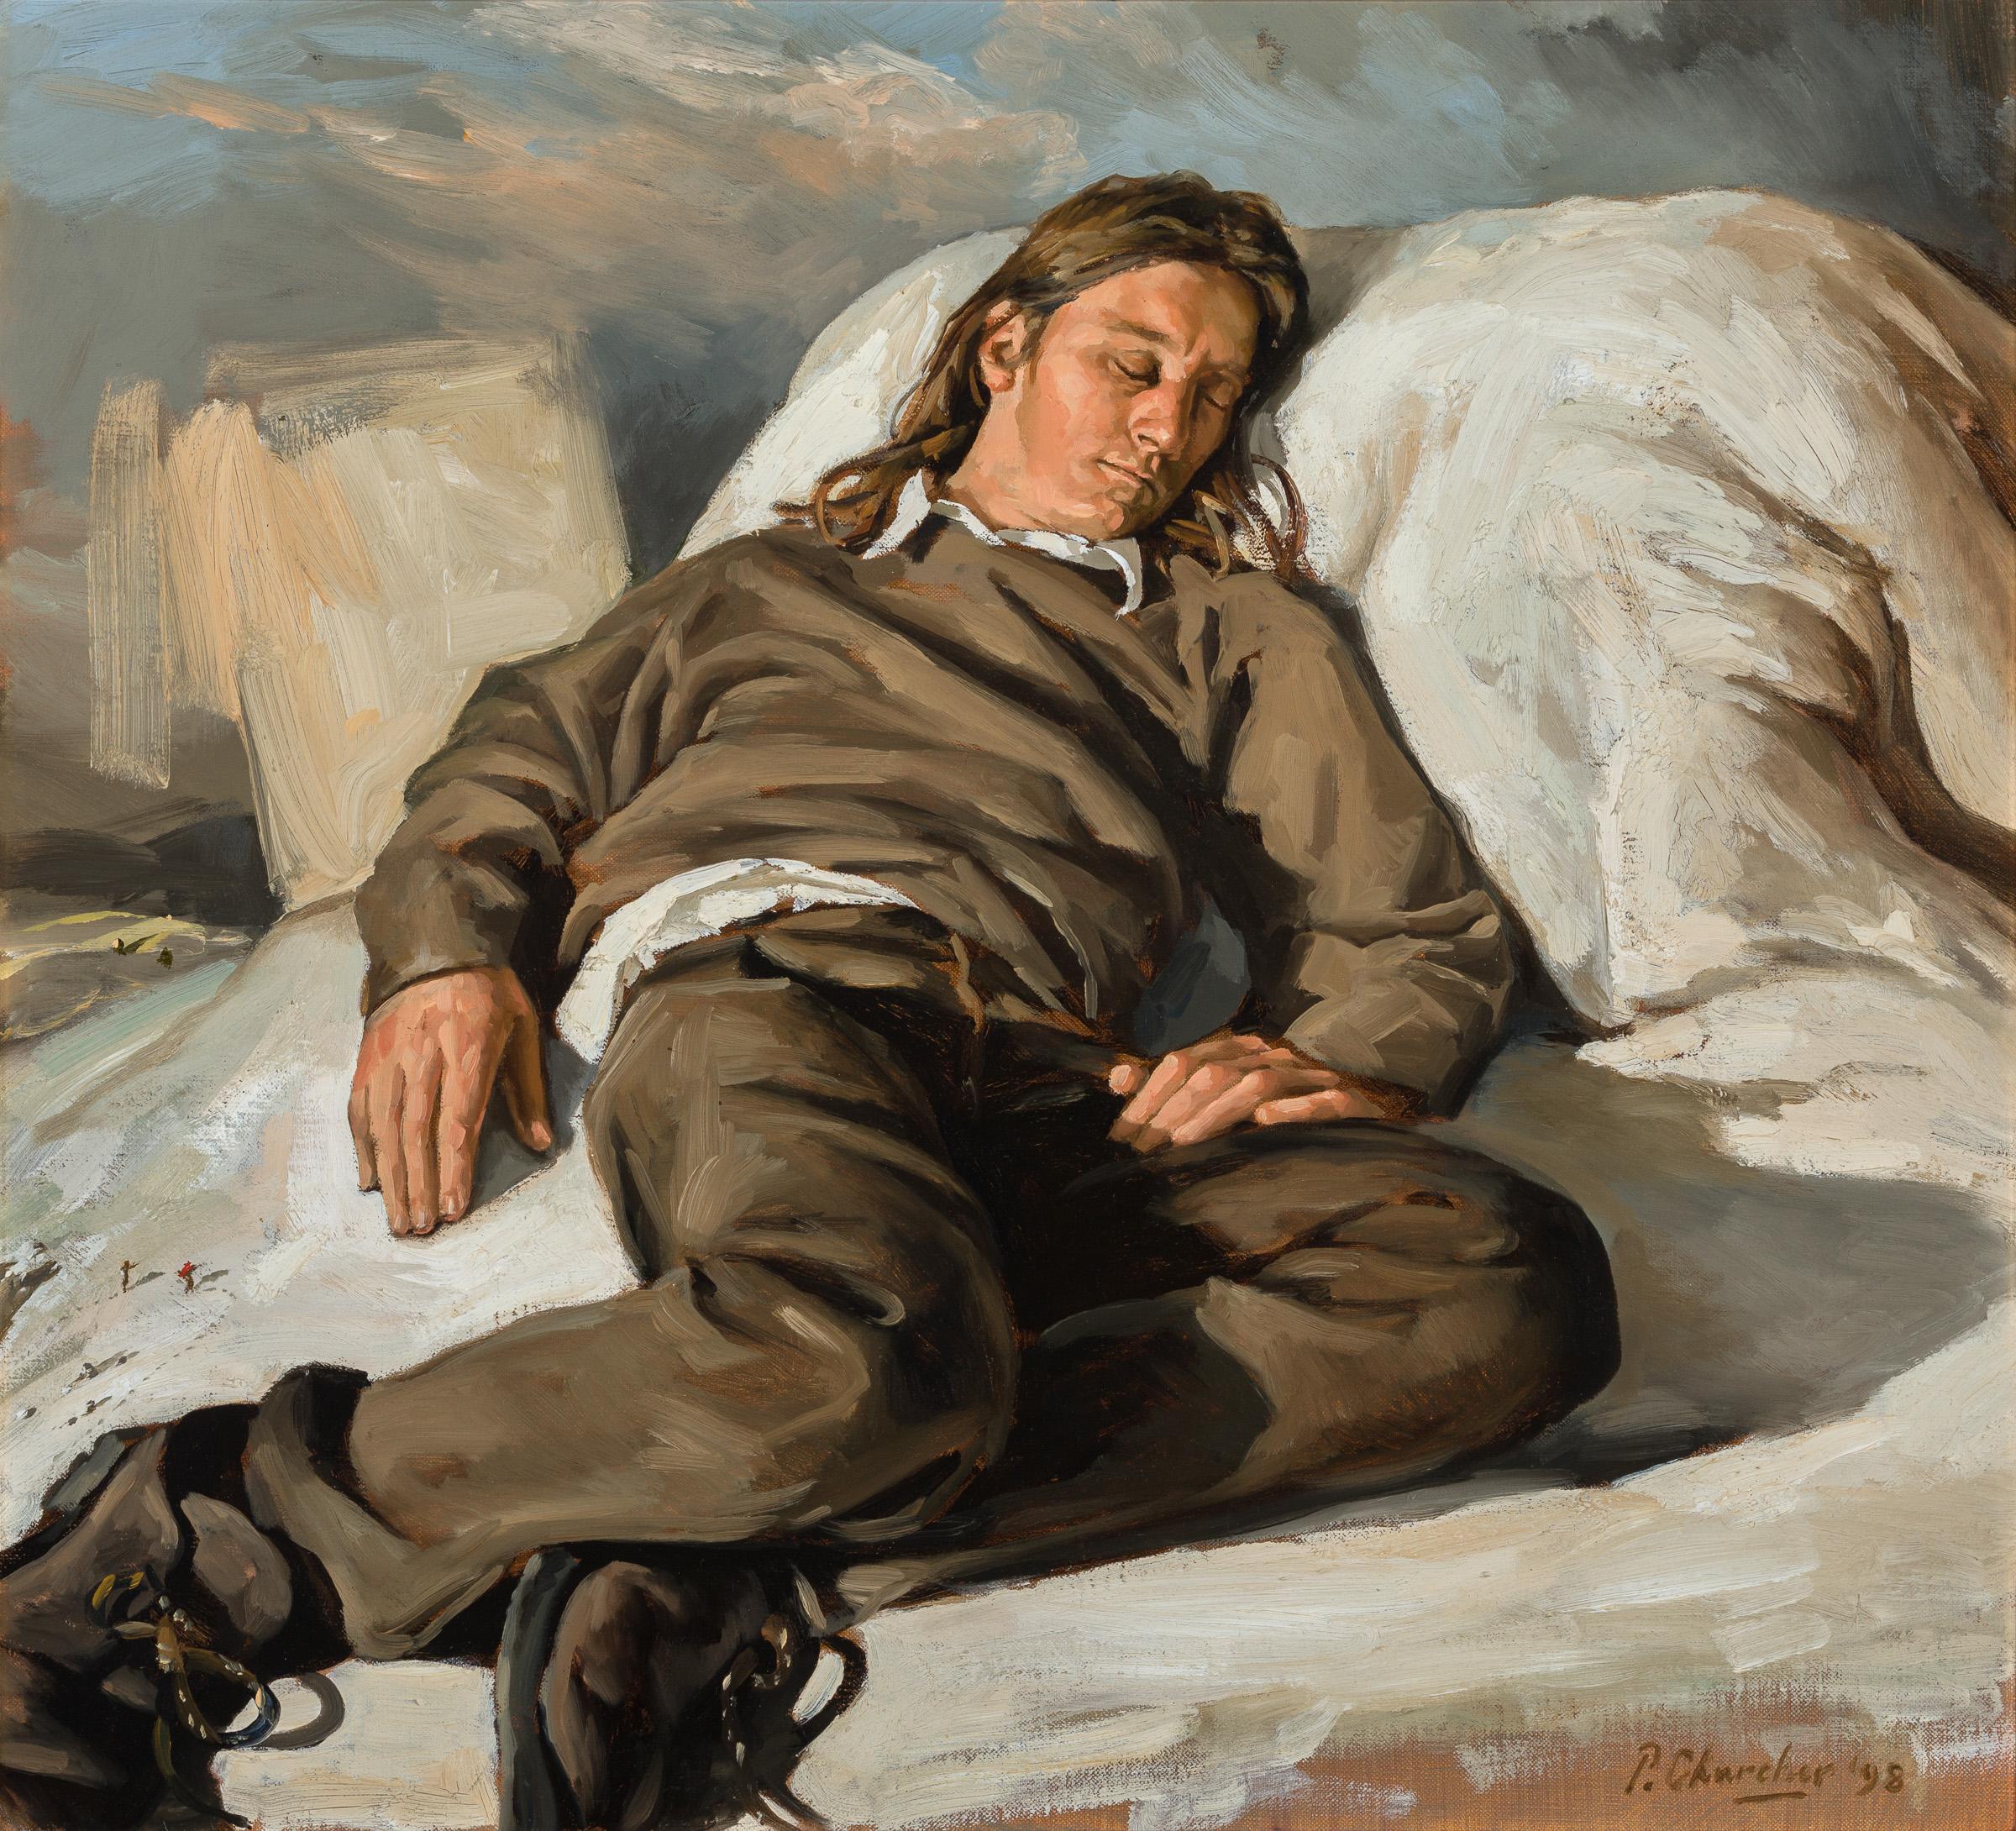 Churcher Ross' Dream